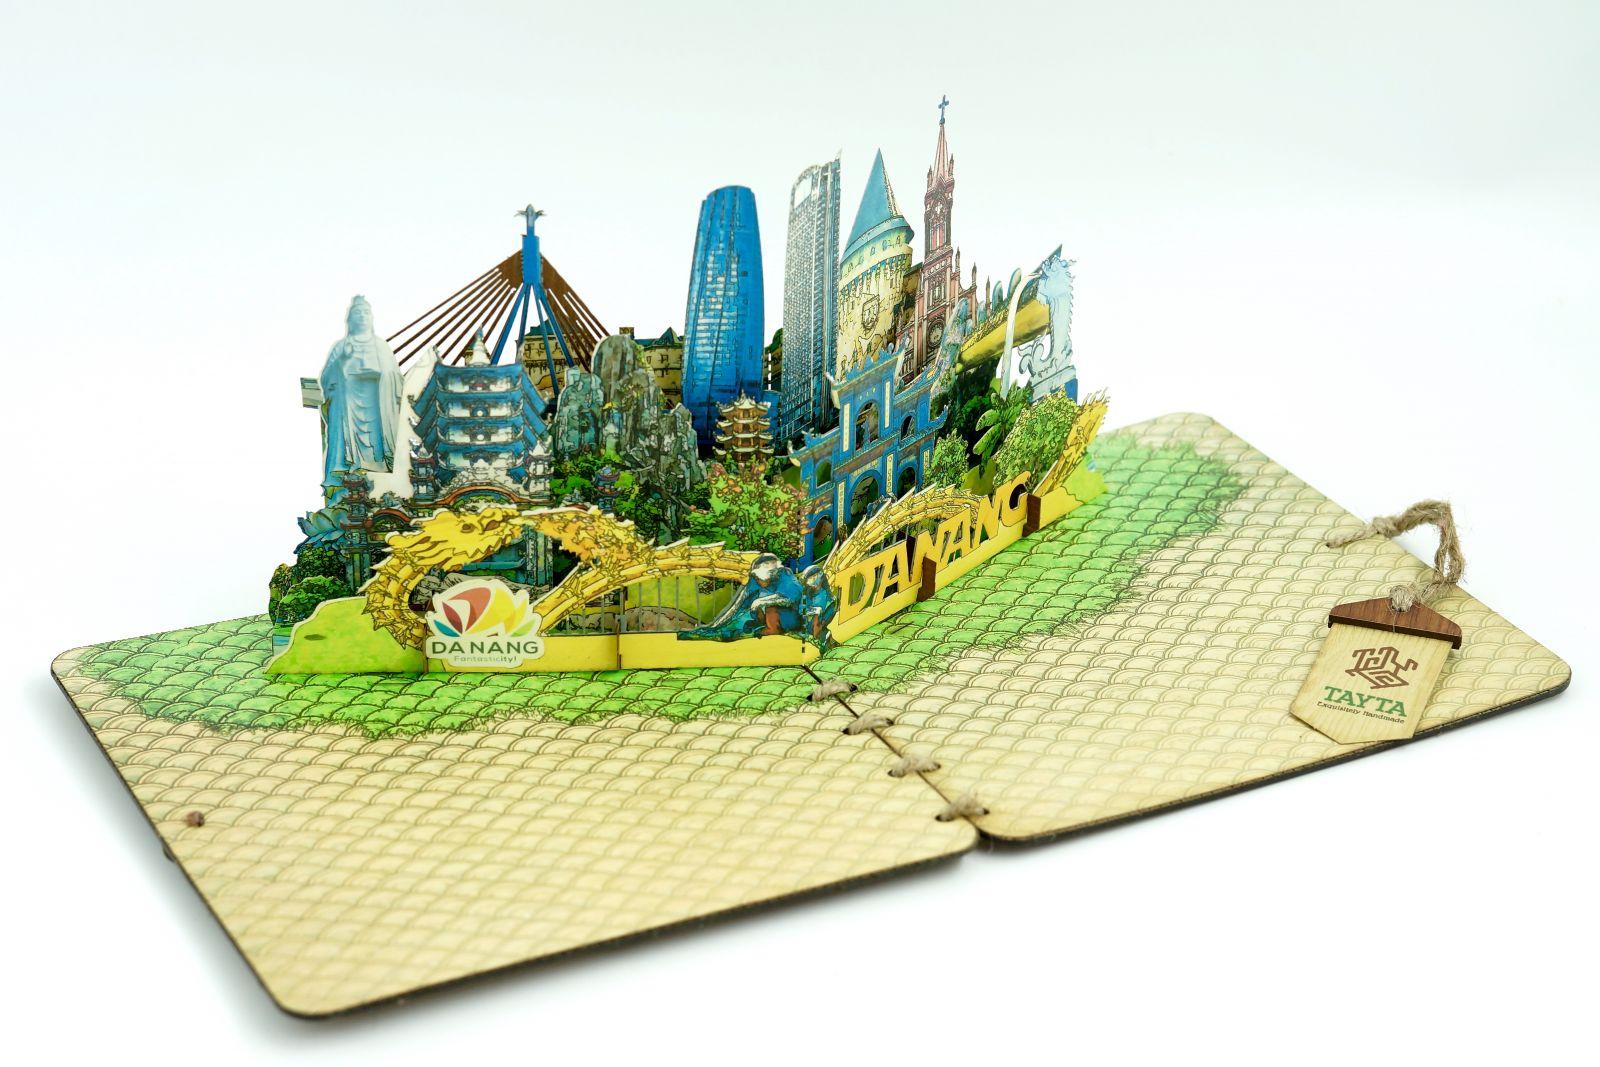 Ảnh: Thiệp nổi 3D về các địa danh nổi tiếng tại Đà Nẵng do Tayta thiết kế